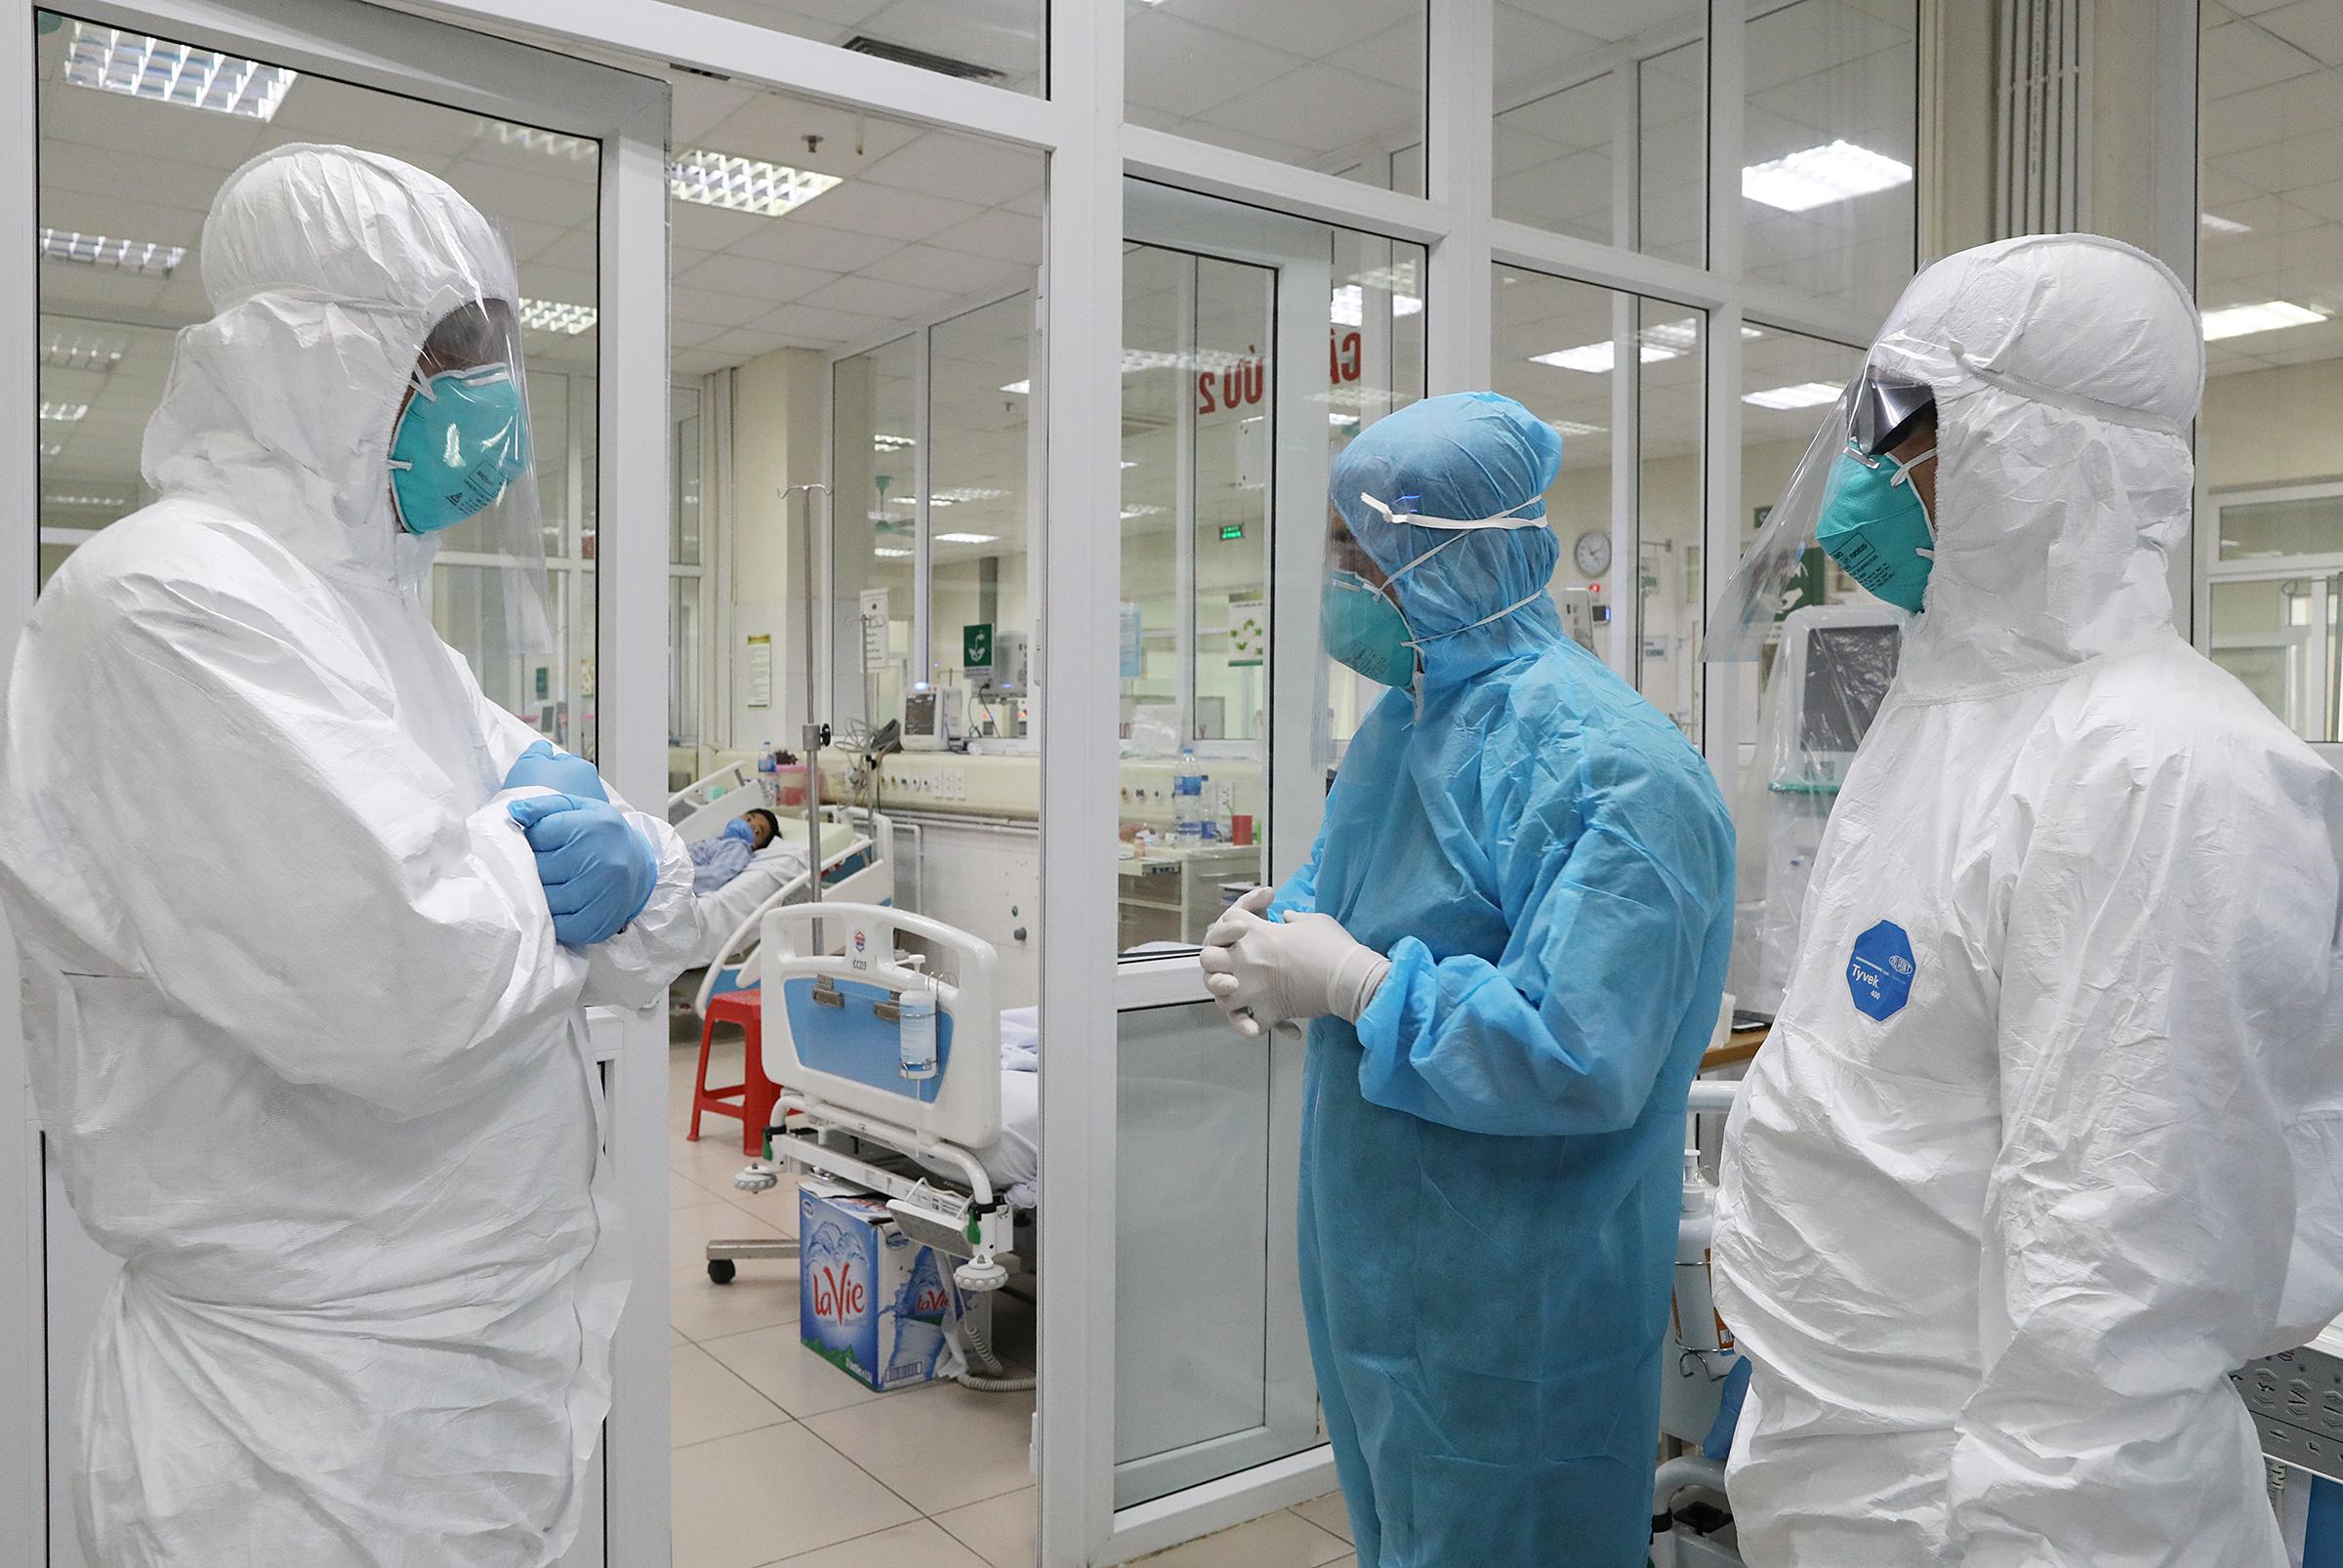 Thêm 7 ca nhiễm nCoV, số bệnh nhân lên 141